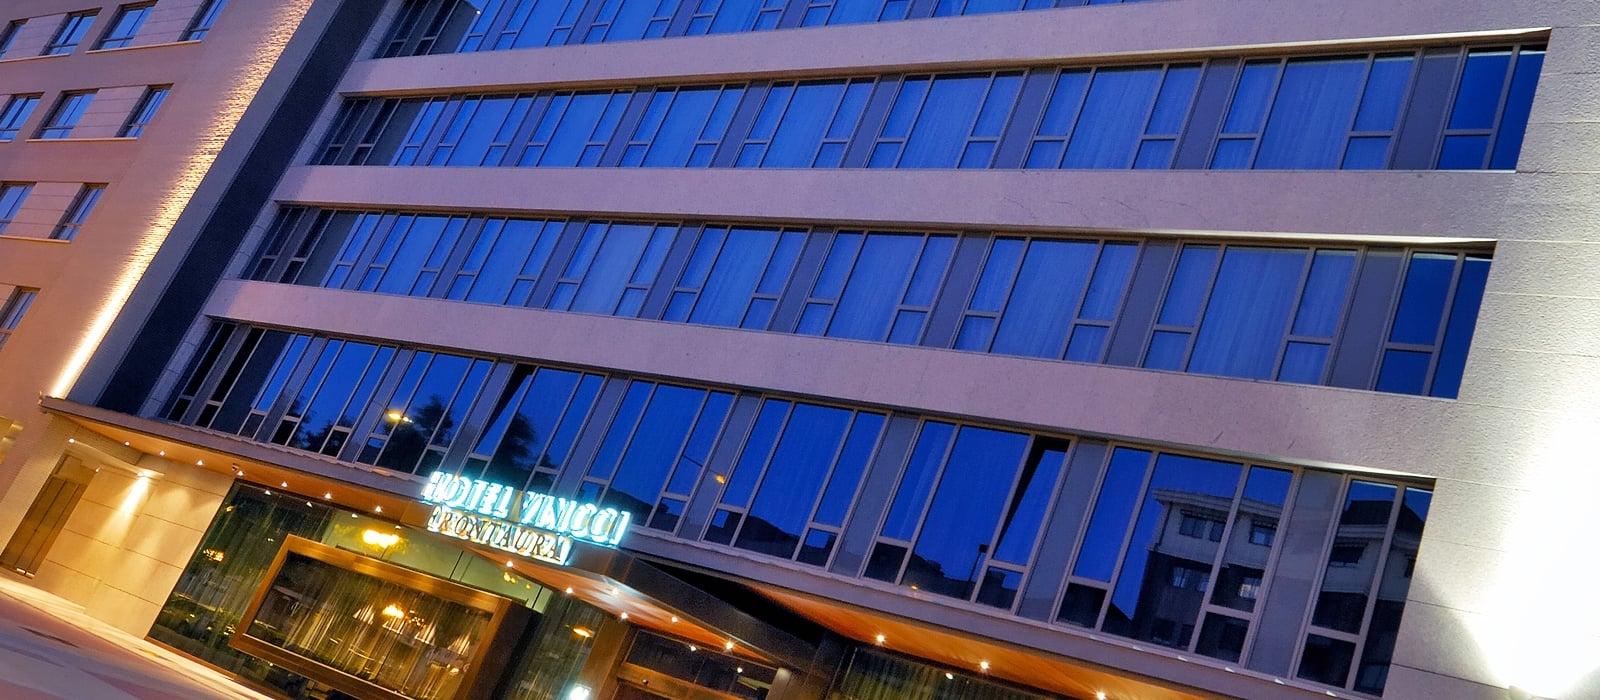 Façade-Hotel Valladolid Frontaura - Vincci Hoteles